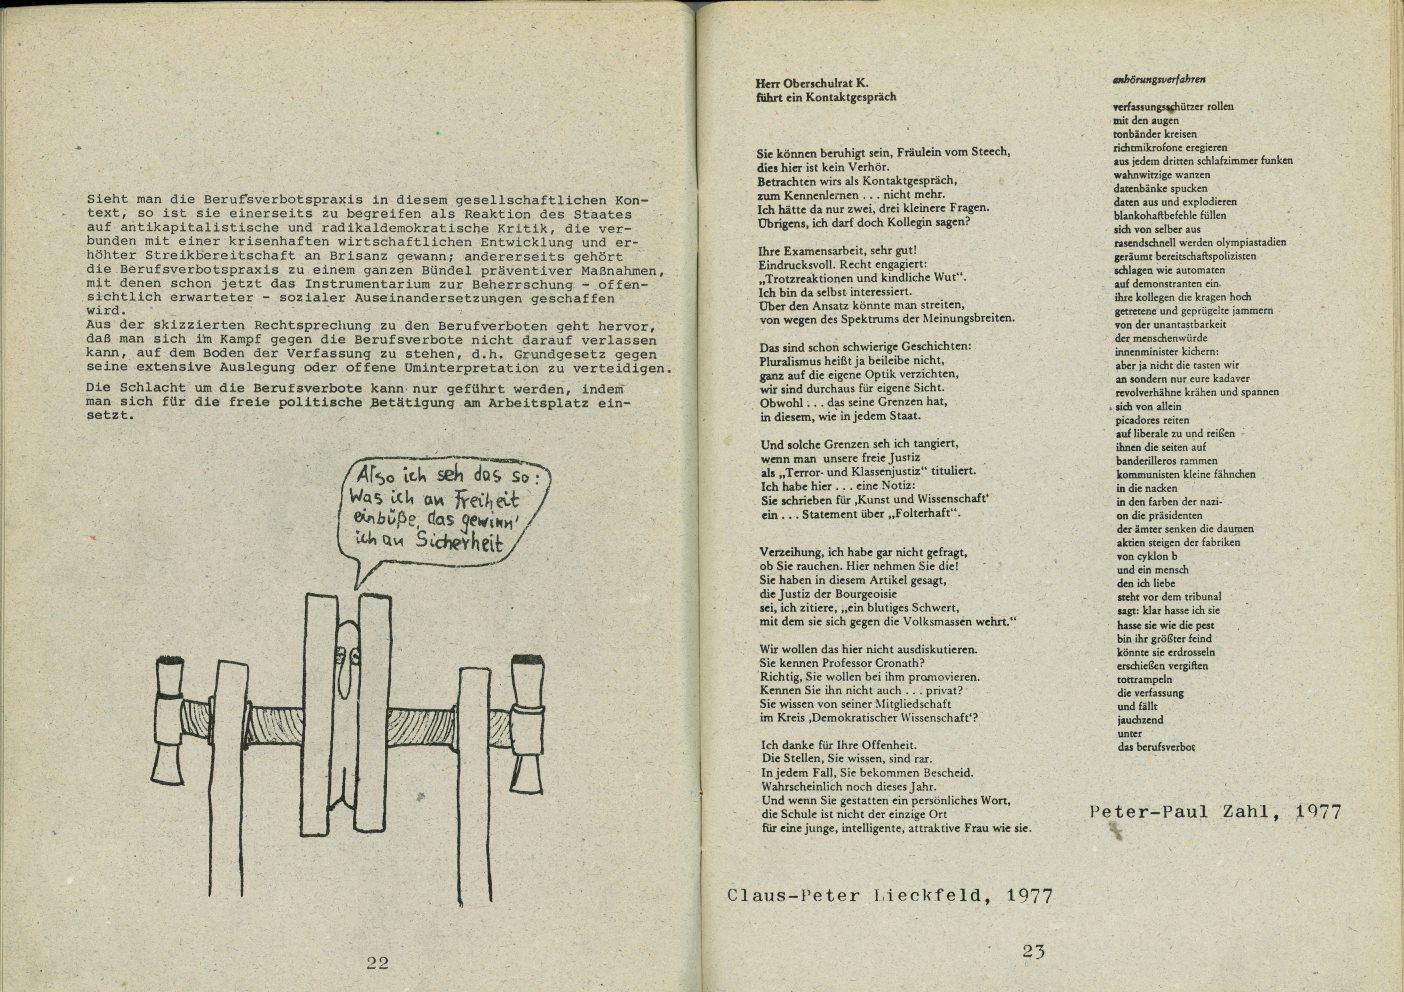 Stuttgart_AGRT_Menschenrechtsverletzungen_Leseheft_1978_13